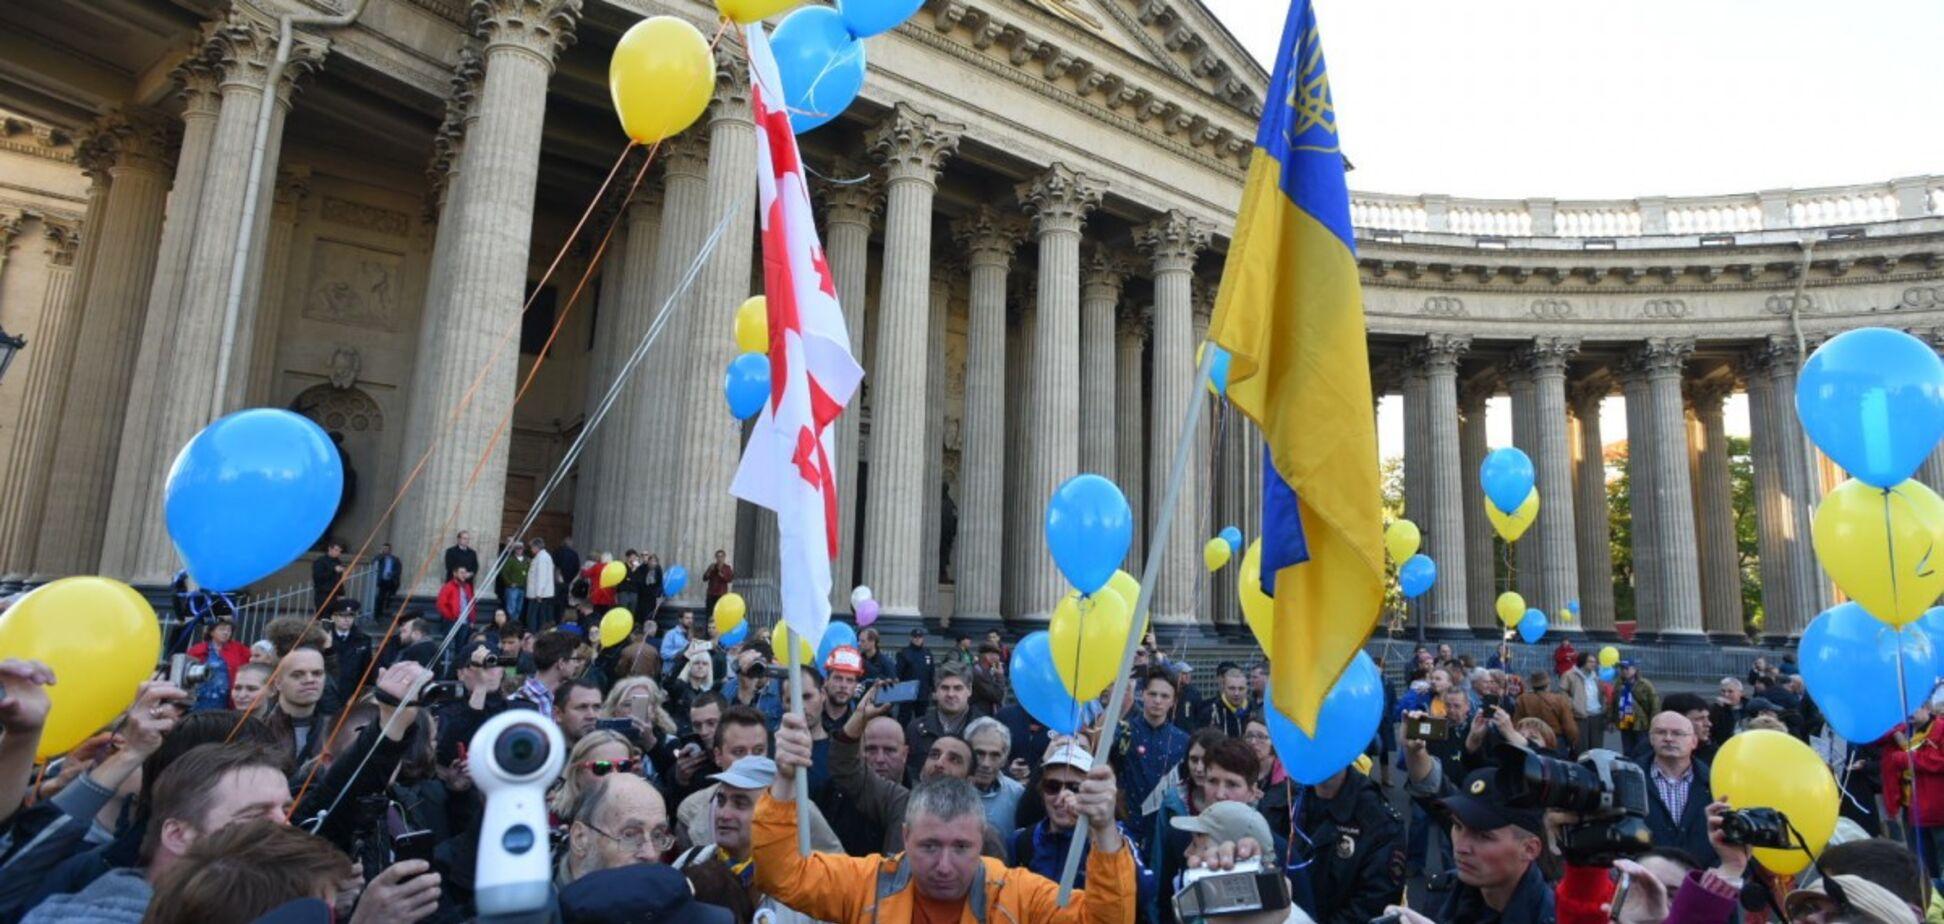 'Путин - это война!' Санкт-Петербург вышел на несанкционированный митинг против войны с Украиной